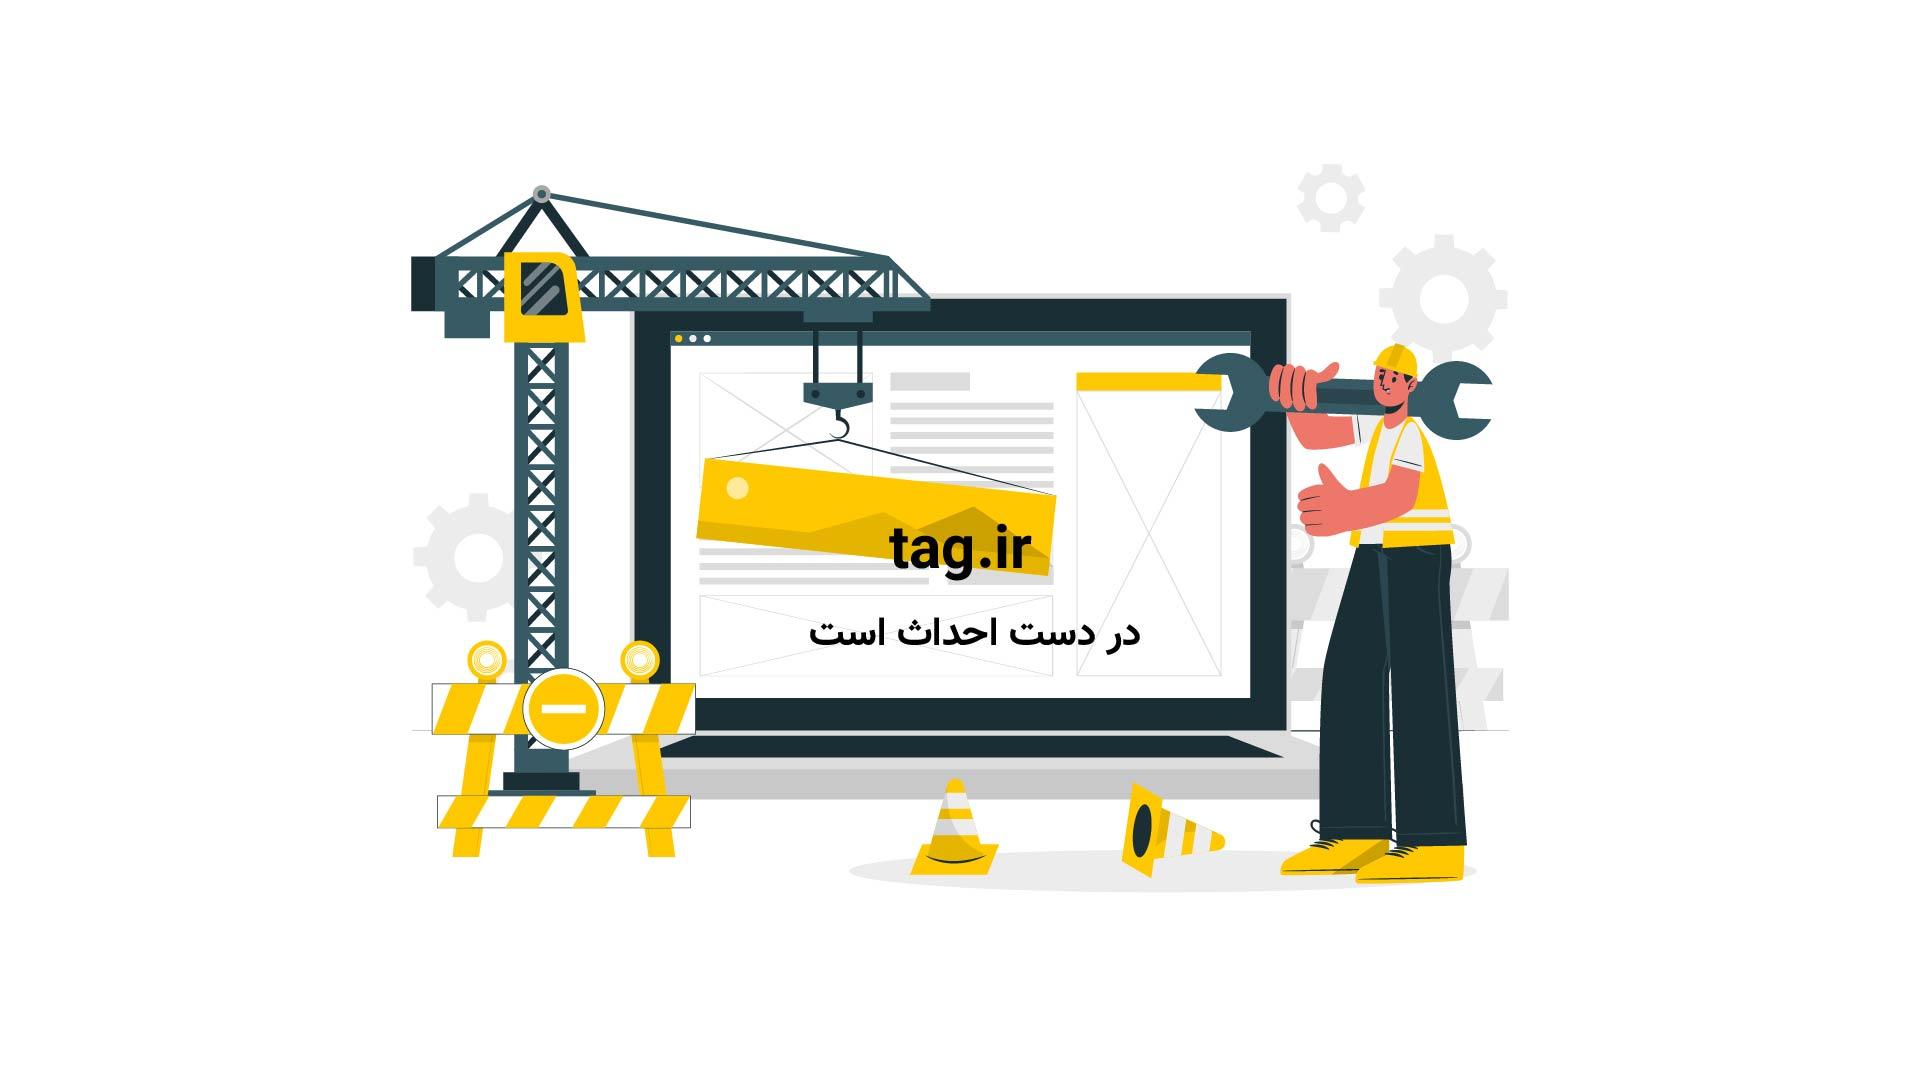 آموزش تهیه یک نوع غذای مکزیکی با سبزیجات | فیلم